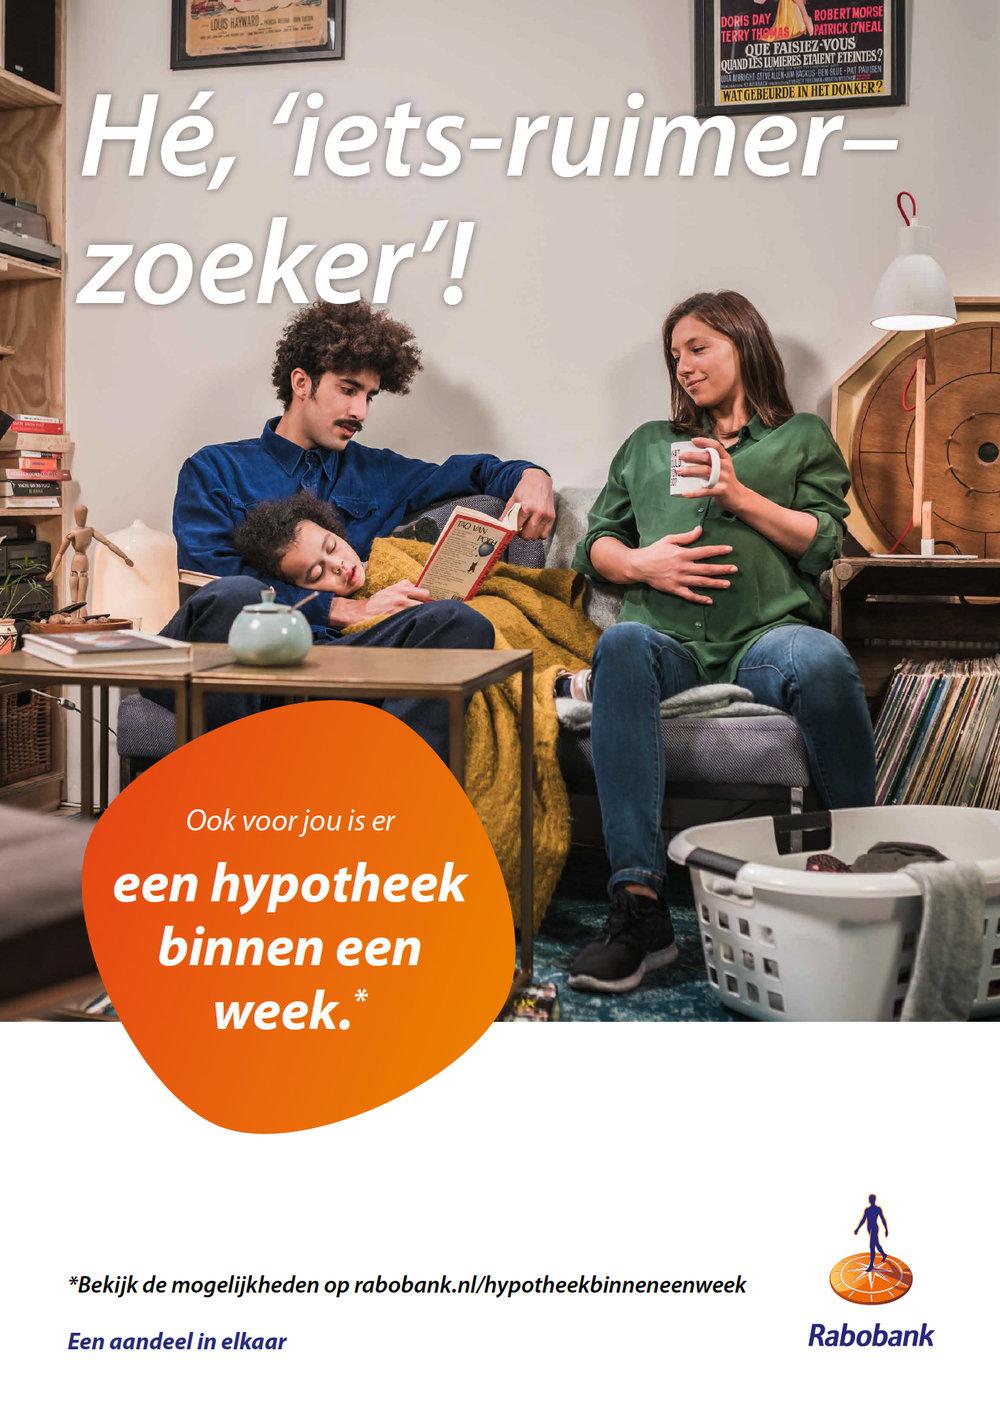 Rabobank_StijnHoekstra02.jpg